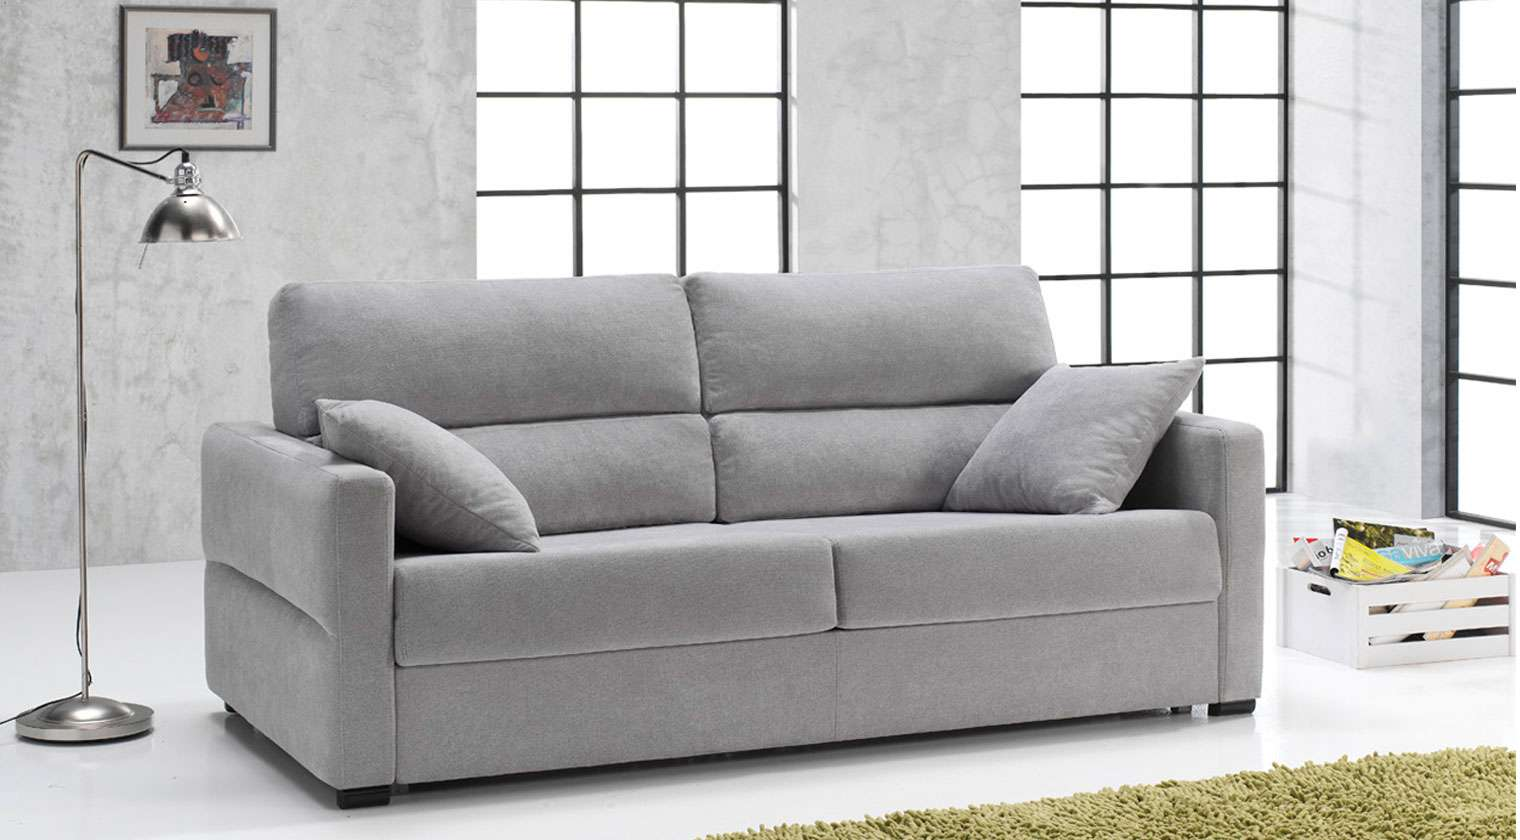 Sof cama vals sofas cama apertura italiana for Muebles de oficina kalea